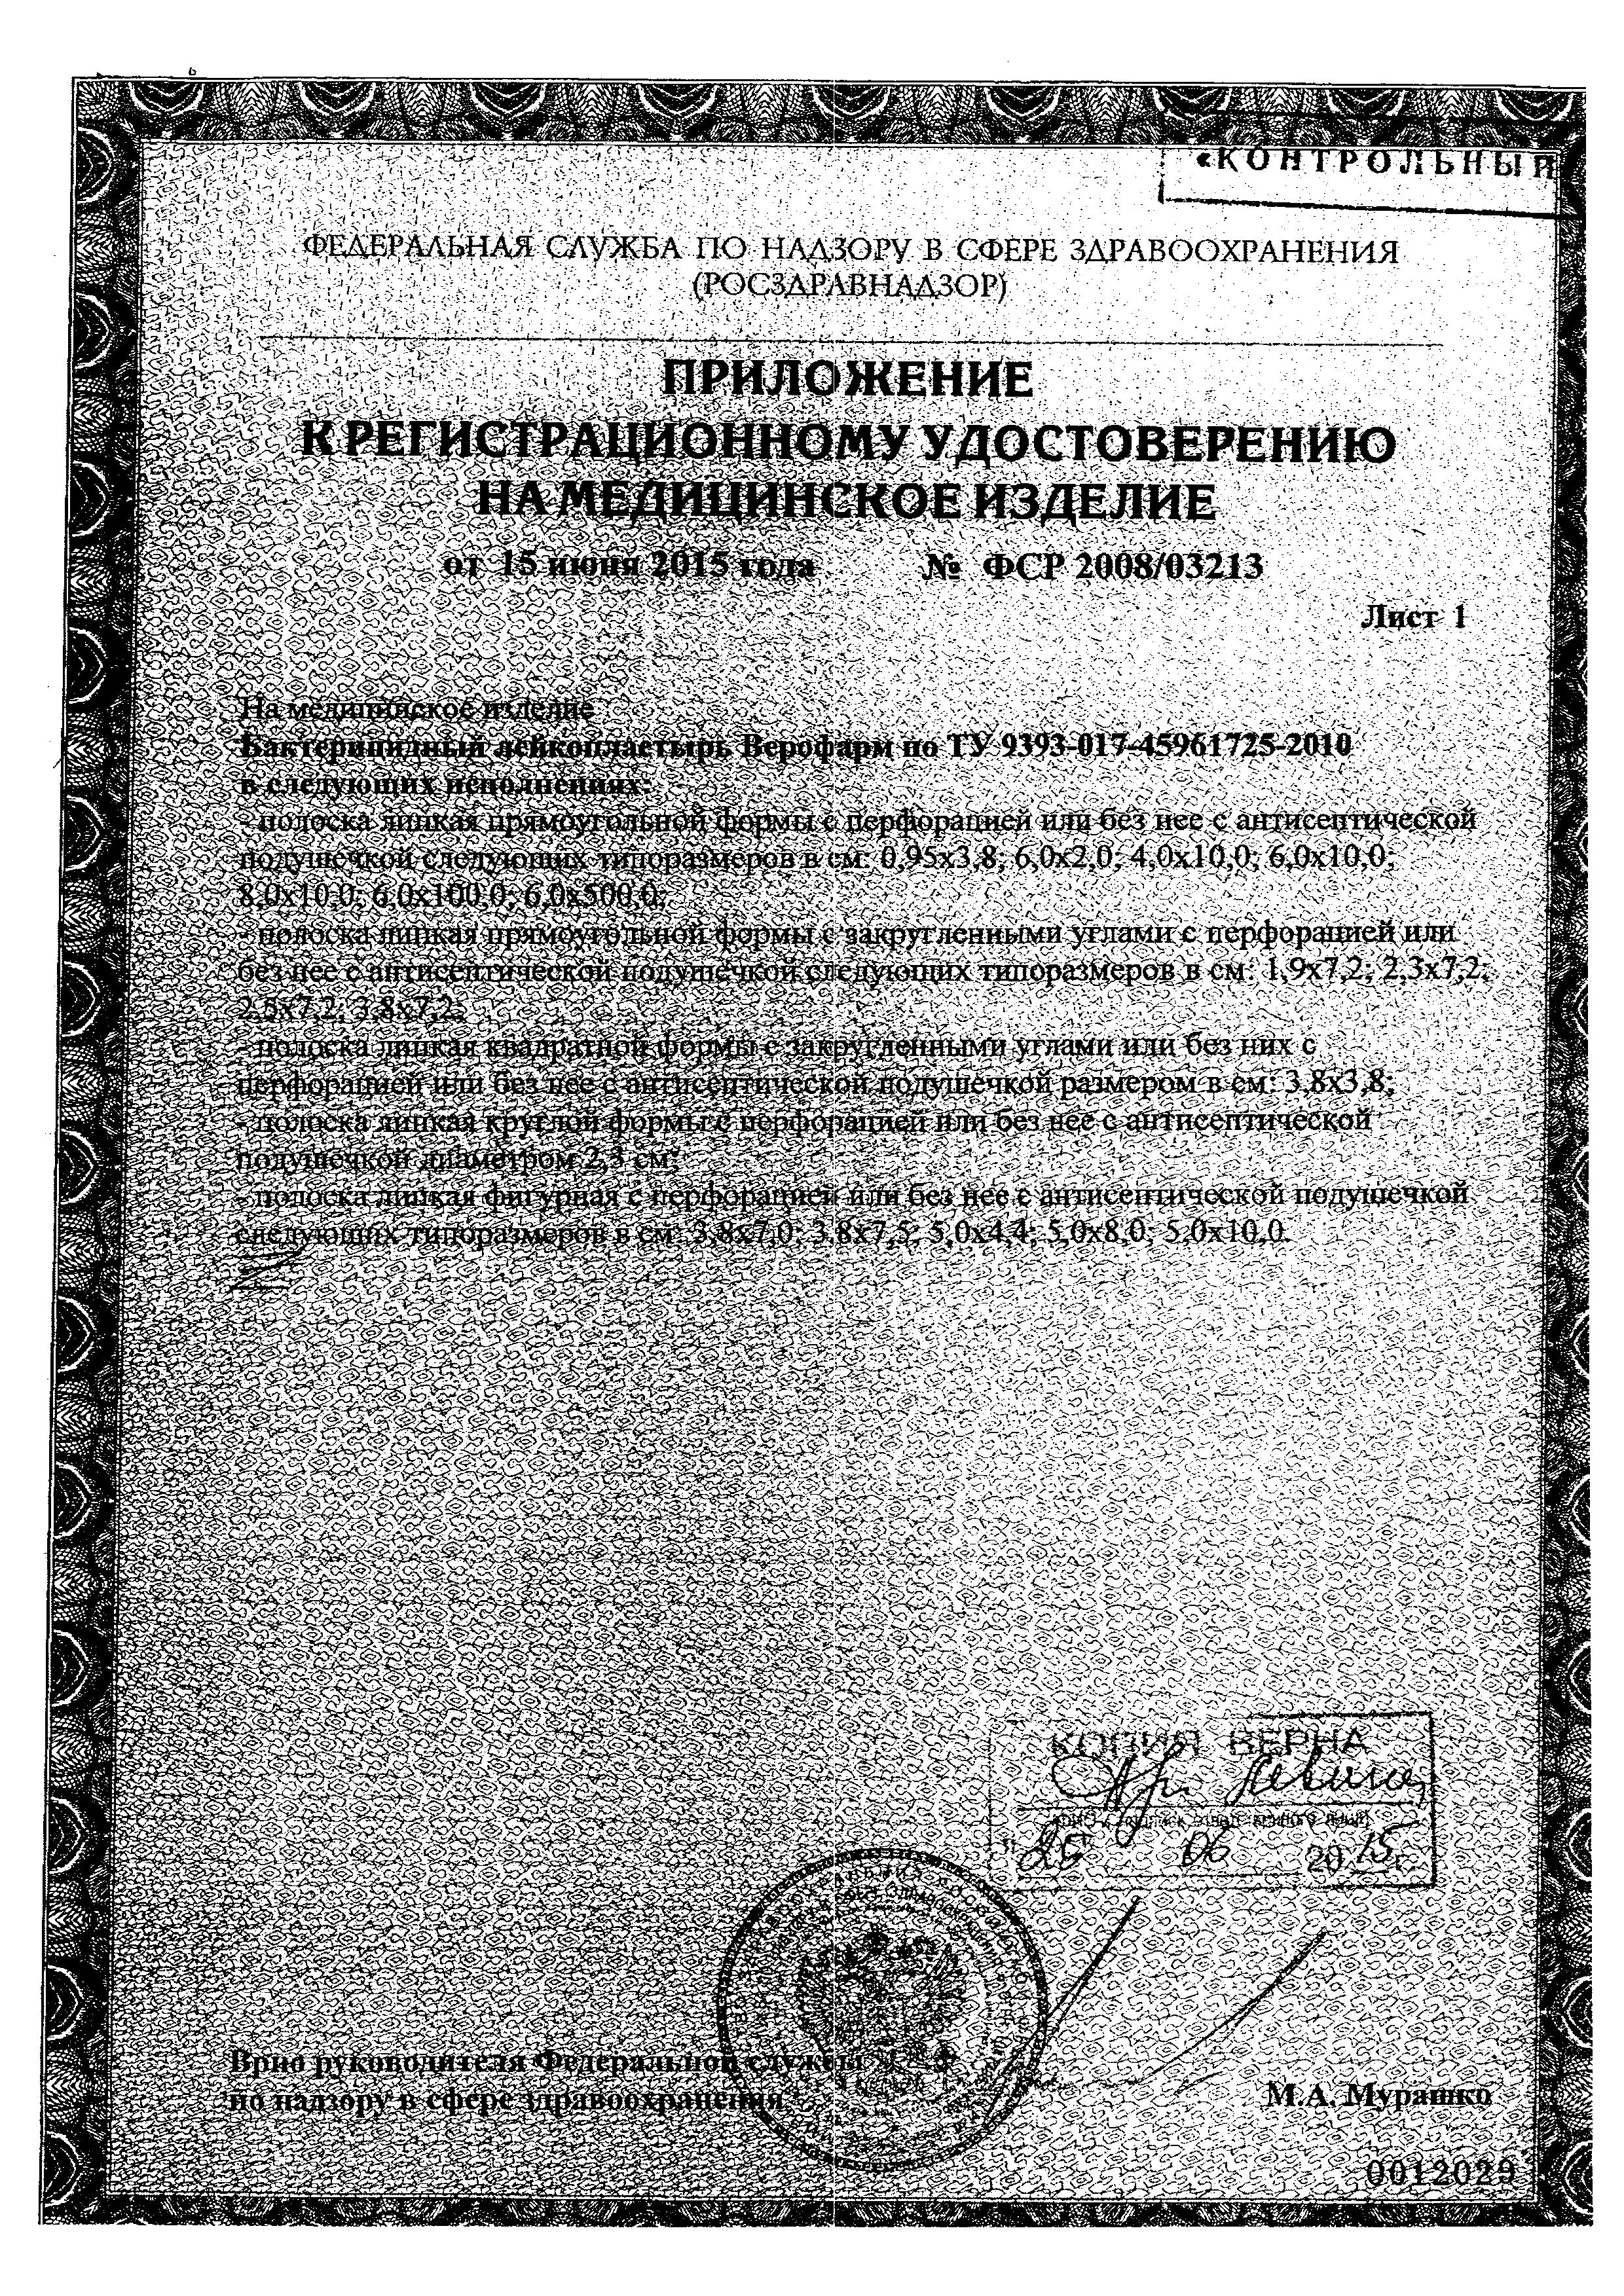 Бактерицидный лейкопластырь Верофарм 6смx10см сертификат